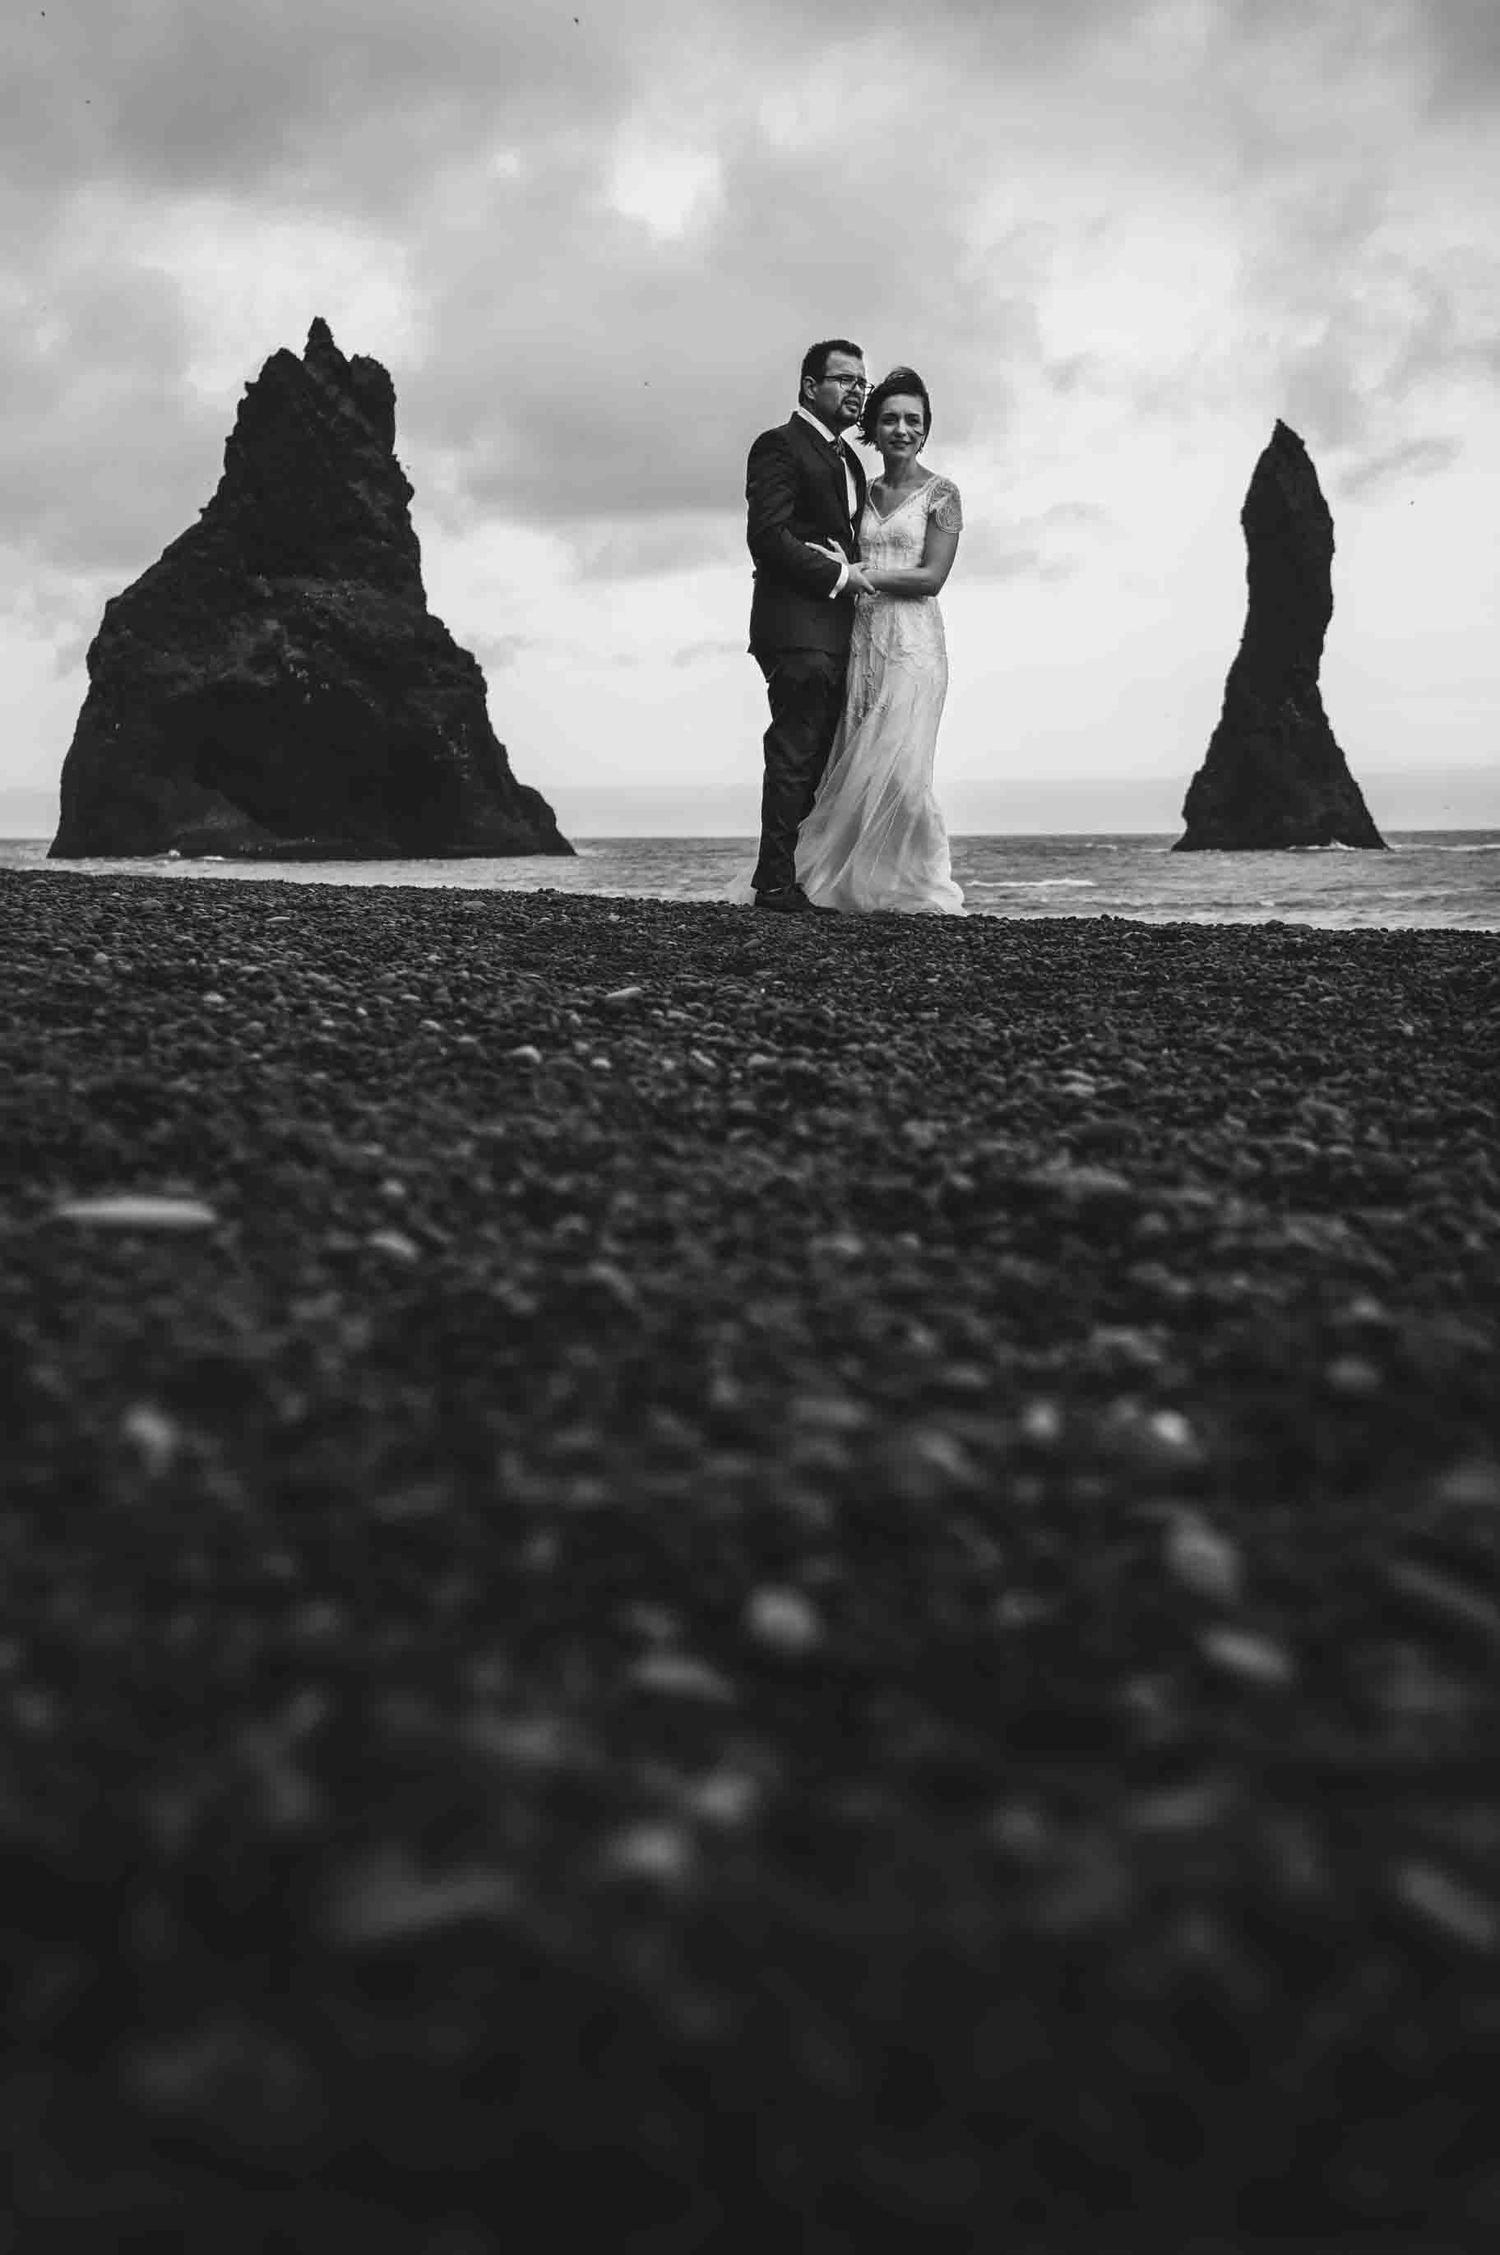 Jen / Jon - Iceland